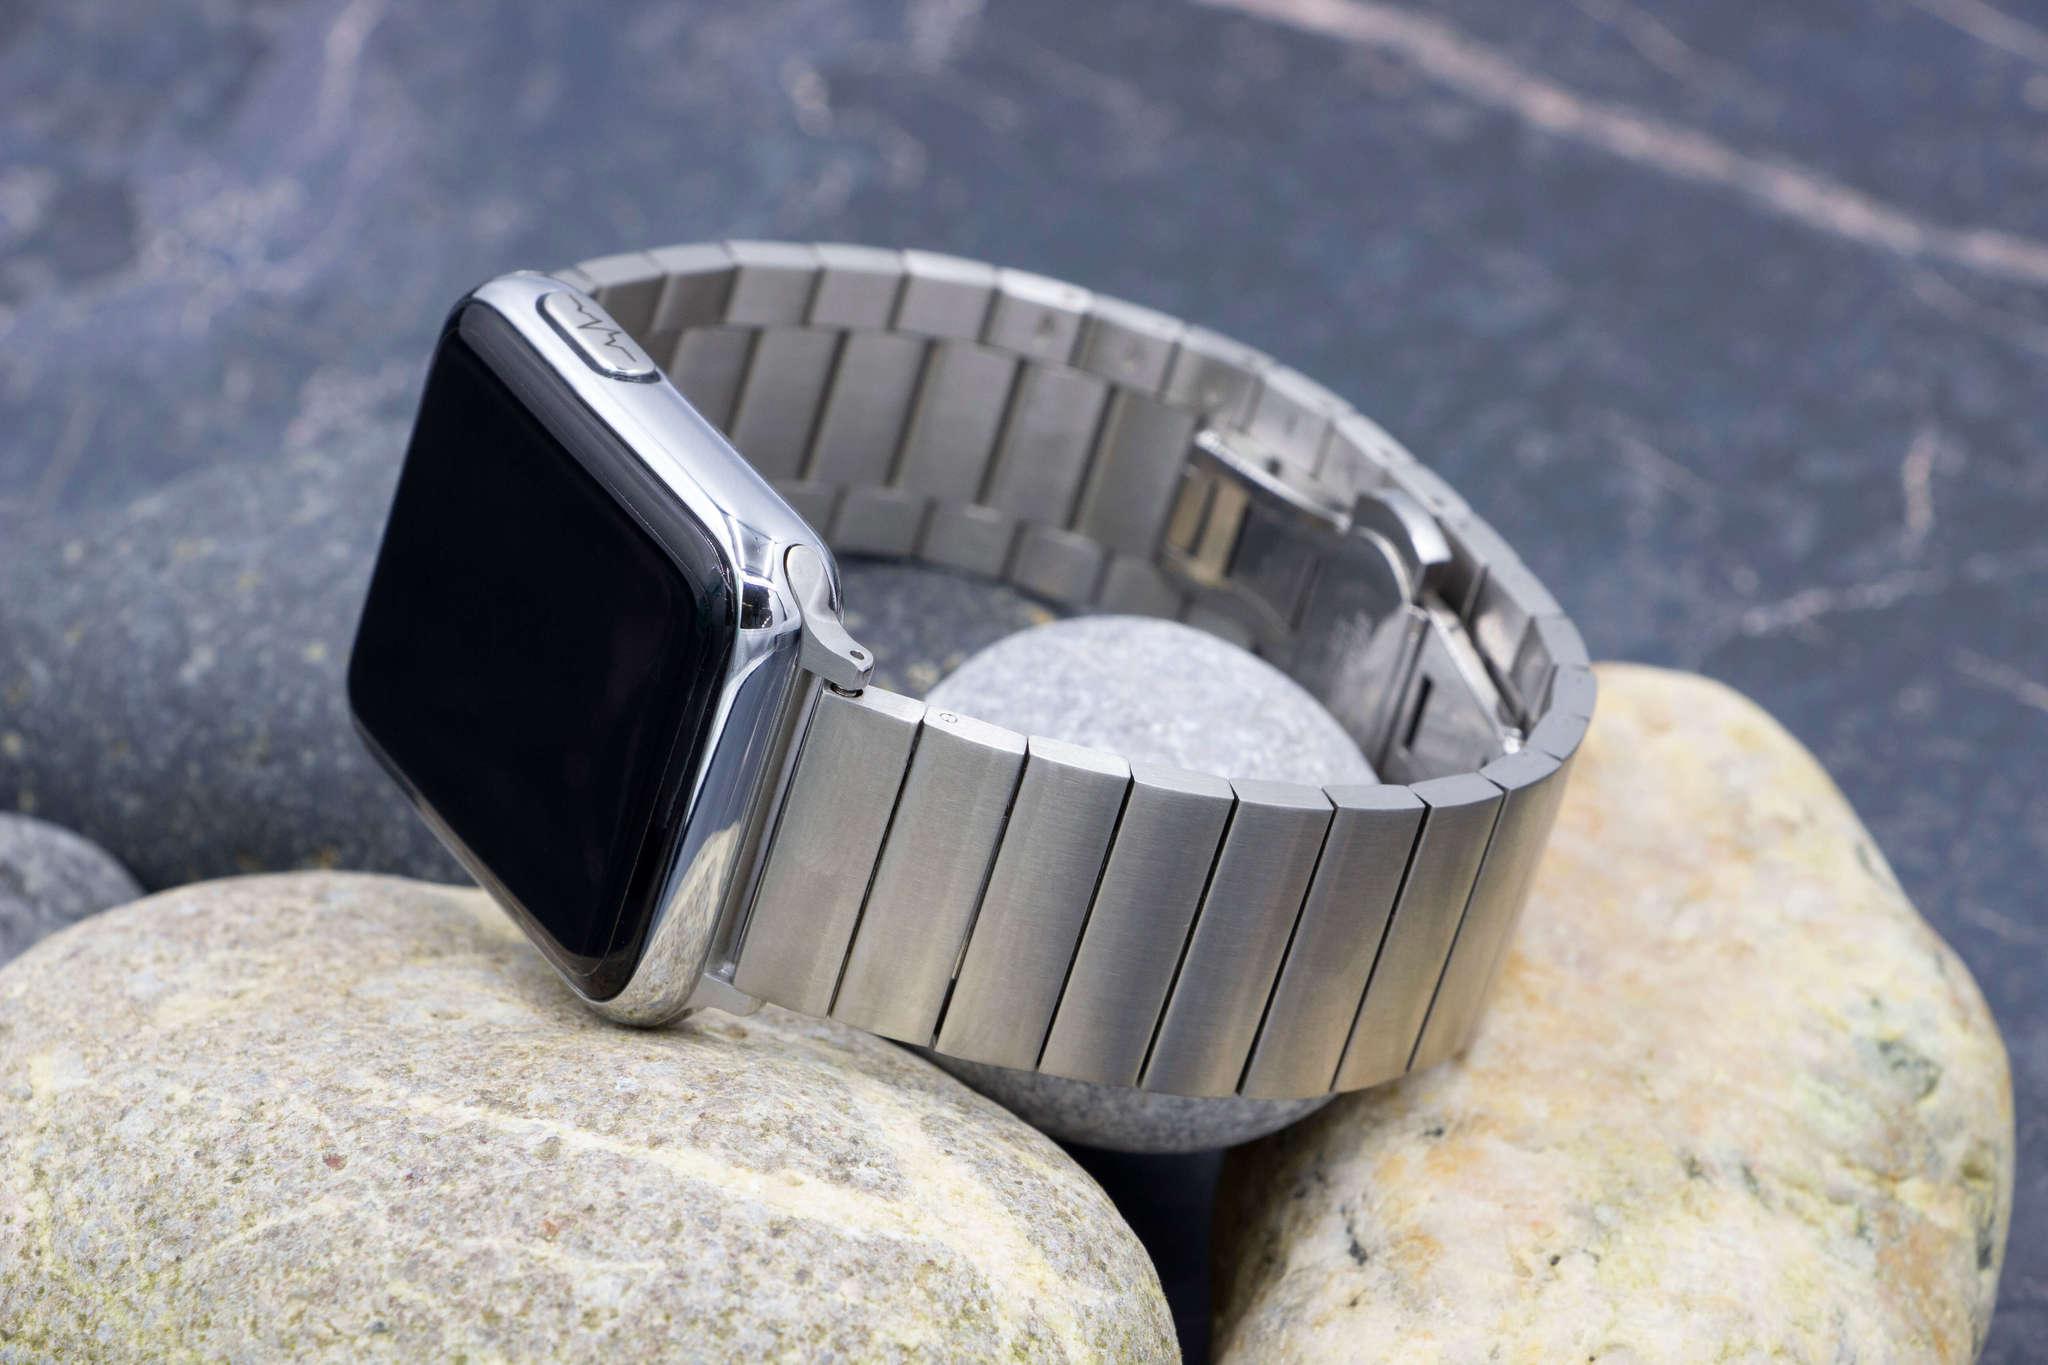 Профессиональные кардио-часы с автоматическим измерением давления, температуры, пульса, кислорода, сервисом расшифровки ЭКГ, контролем аномального пульса и кардиомонитором Health Watch Pro №5 (серебро Premium Strap)